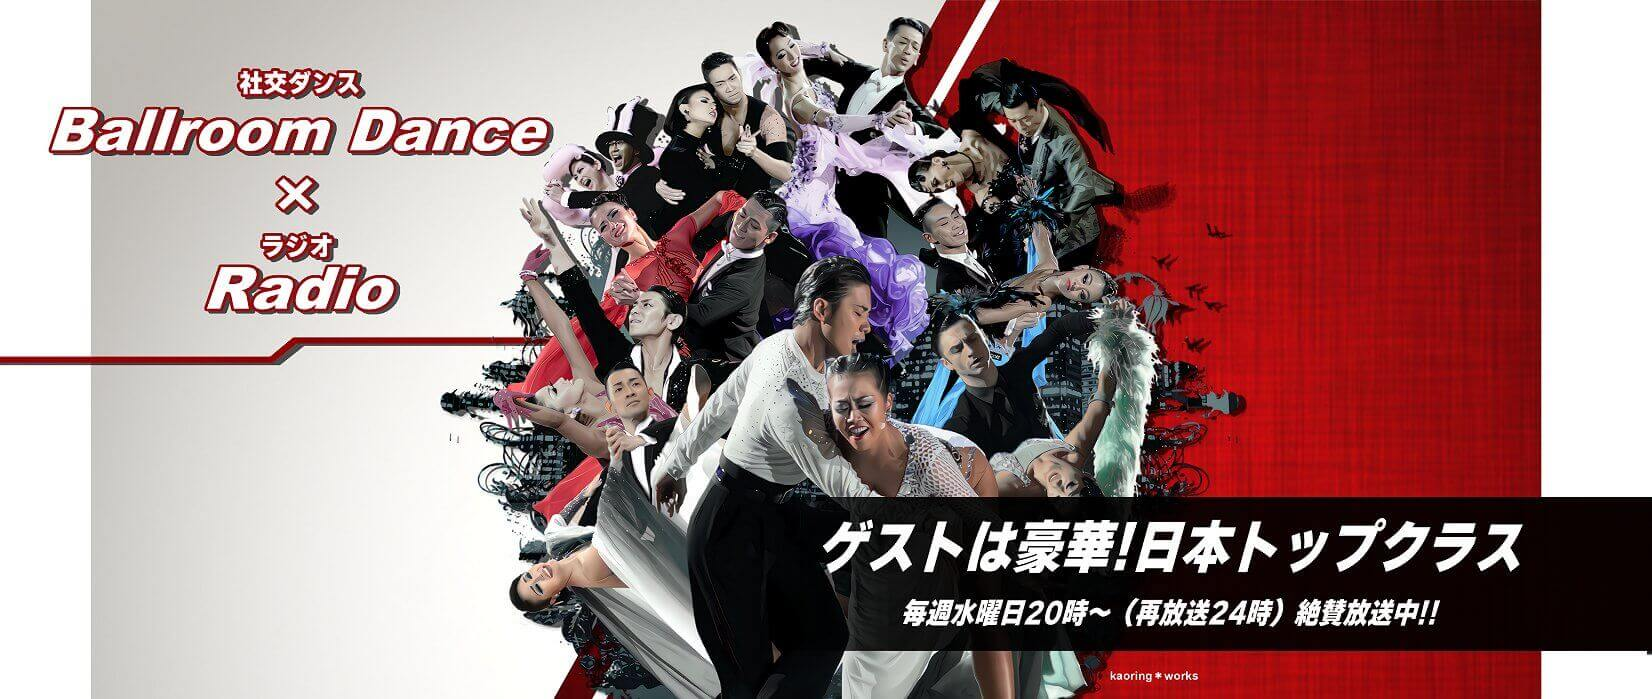 社交ダンス情報ラジオ番組。 毎週水曜20時/24時!日本のトップ選手をゲストに好評放送中!地上波は83.0Hz、100万人規模エリア(公式HPからは全国より聴取可能)